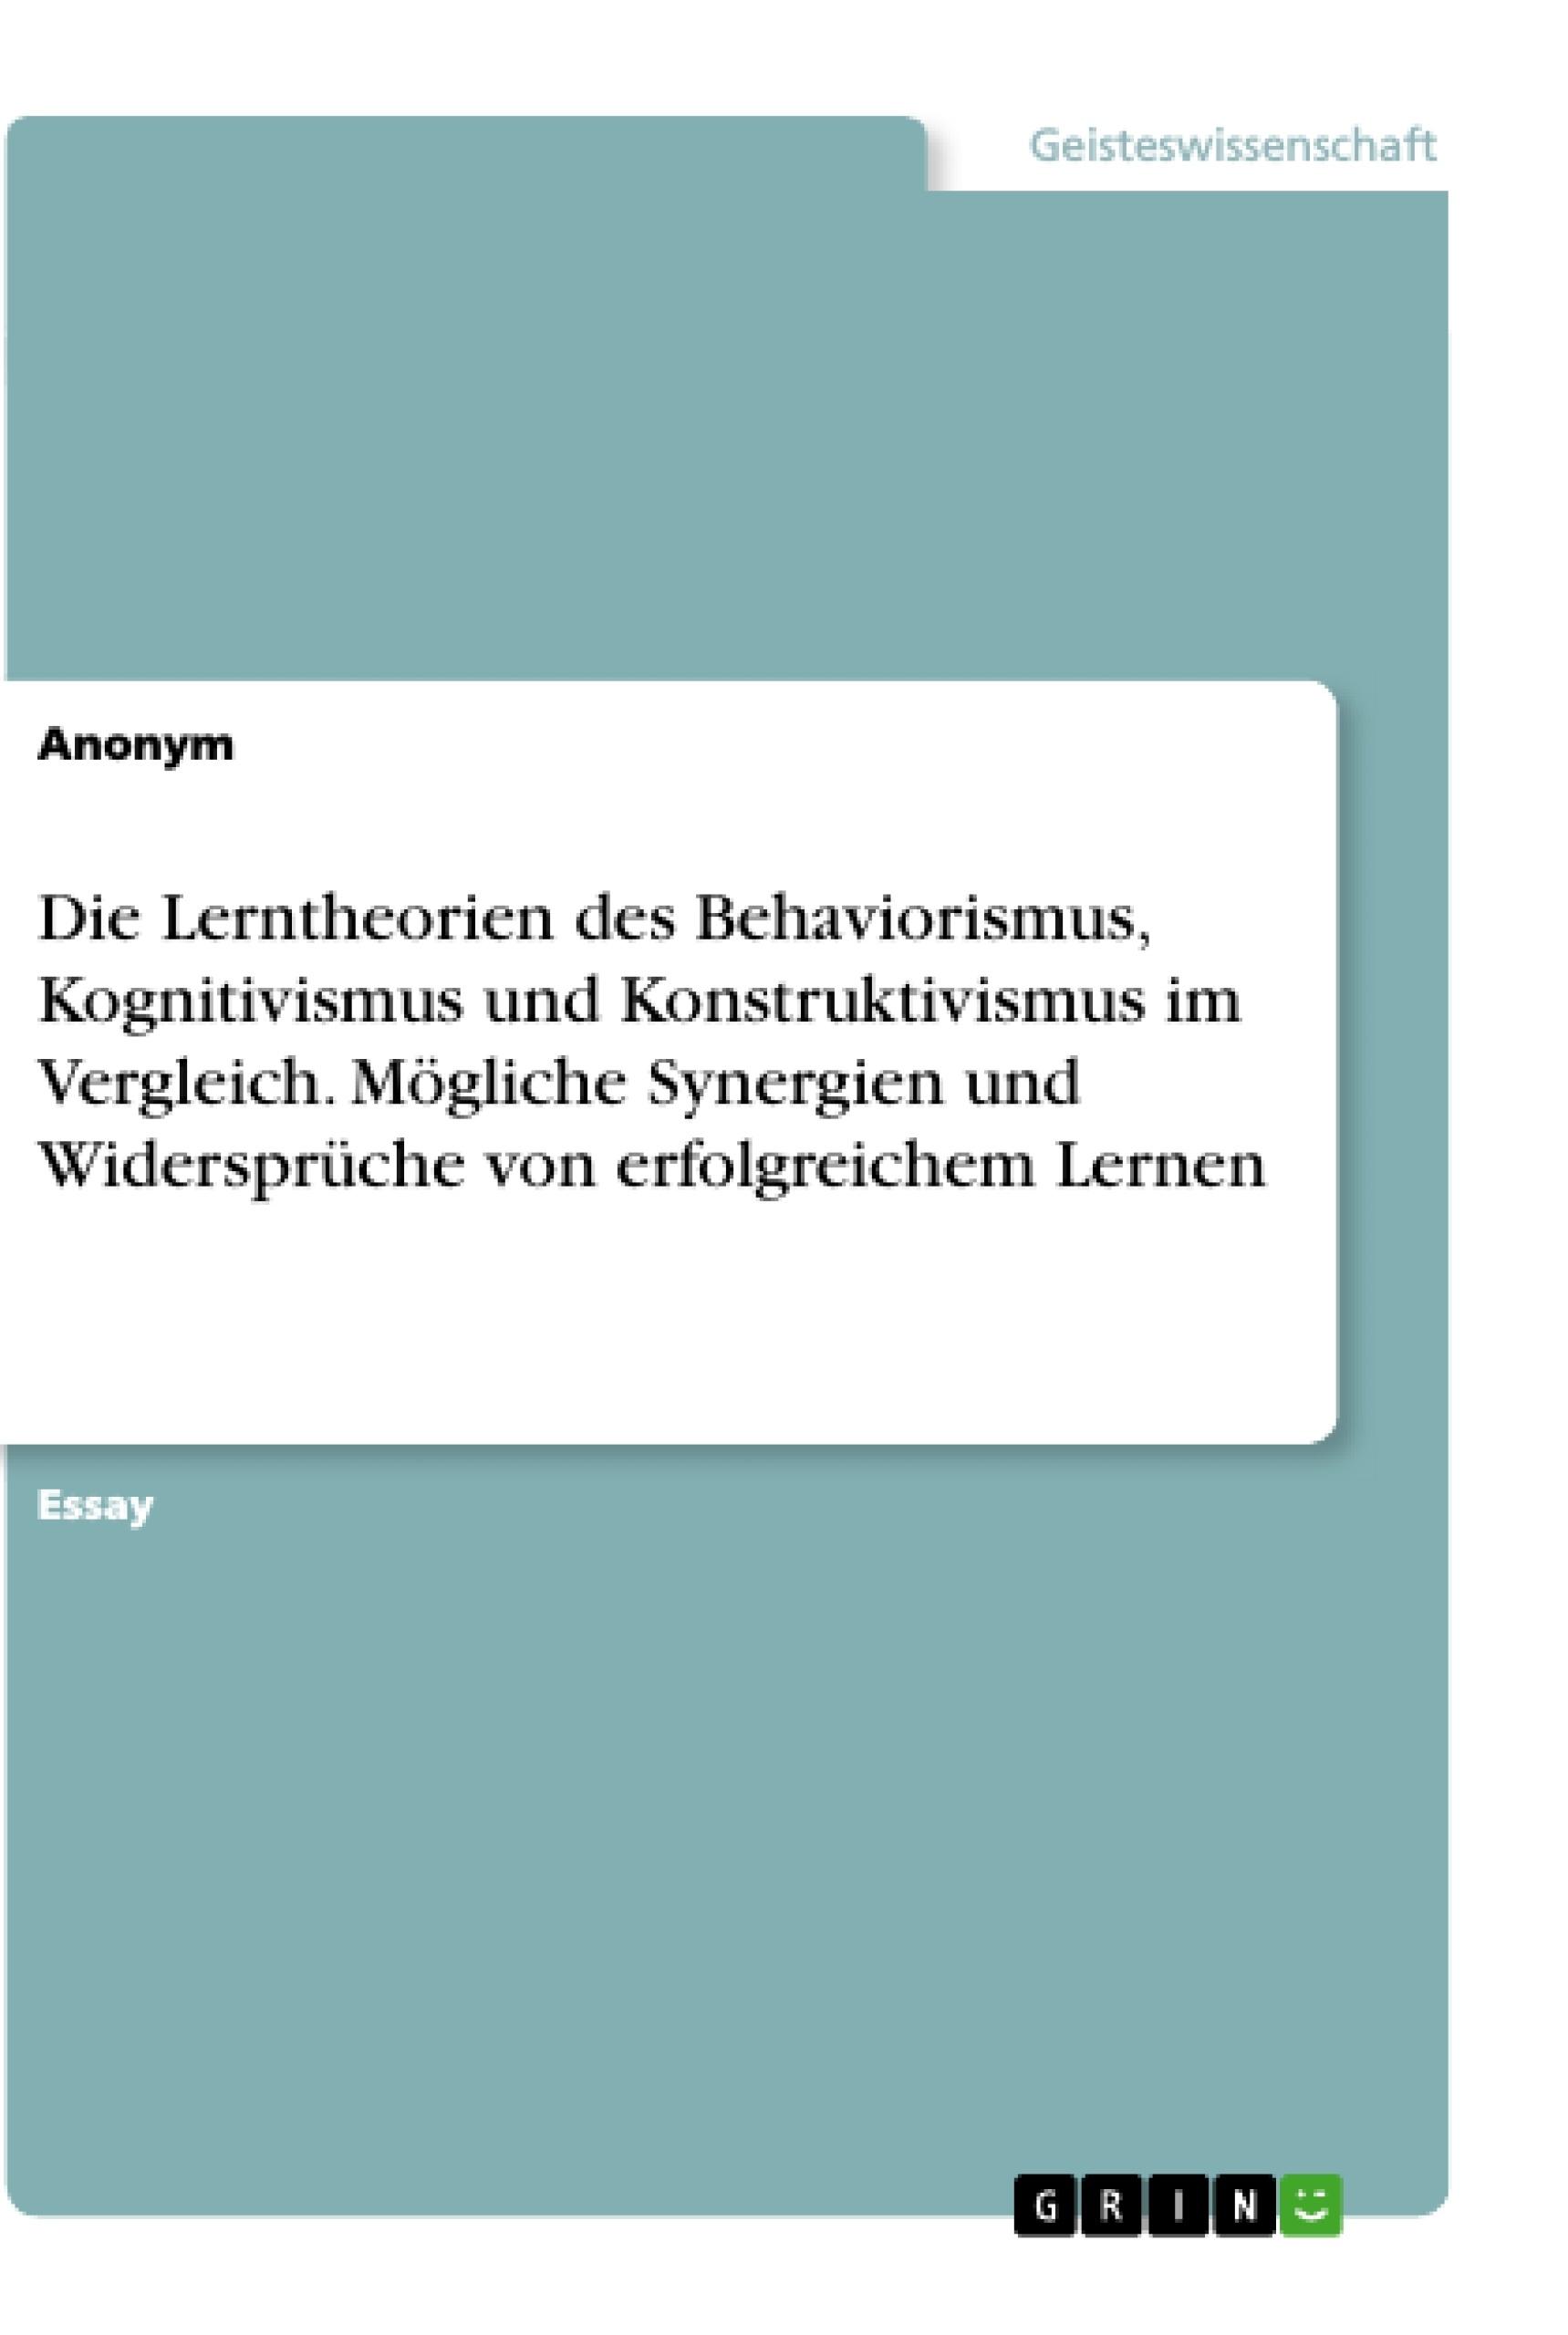 Titel: Die Lerntheorien des Behaviorismus, Kognitivismus und Konstruktivismus im Vergleich. Mögliche Synergien und Widersprüche von erfolgreichem Lernen